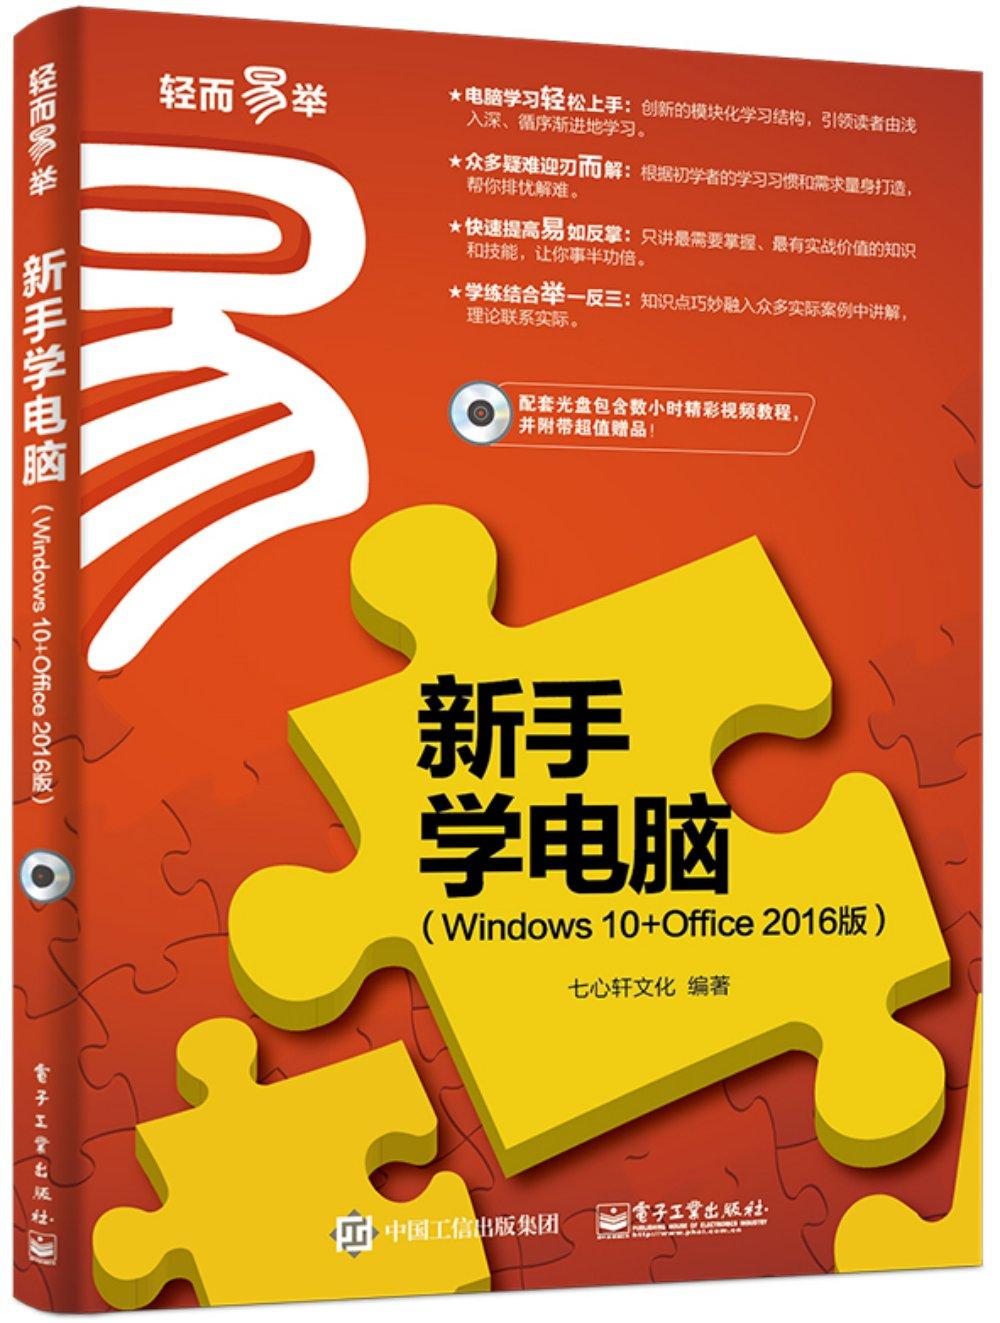 新手學電腦^(Windows 10 Office 2016版^)